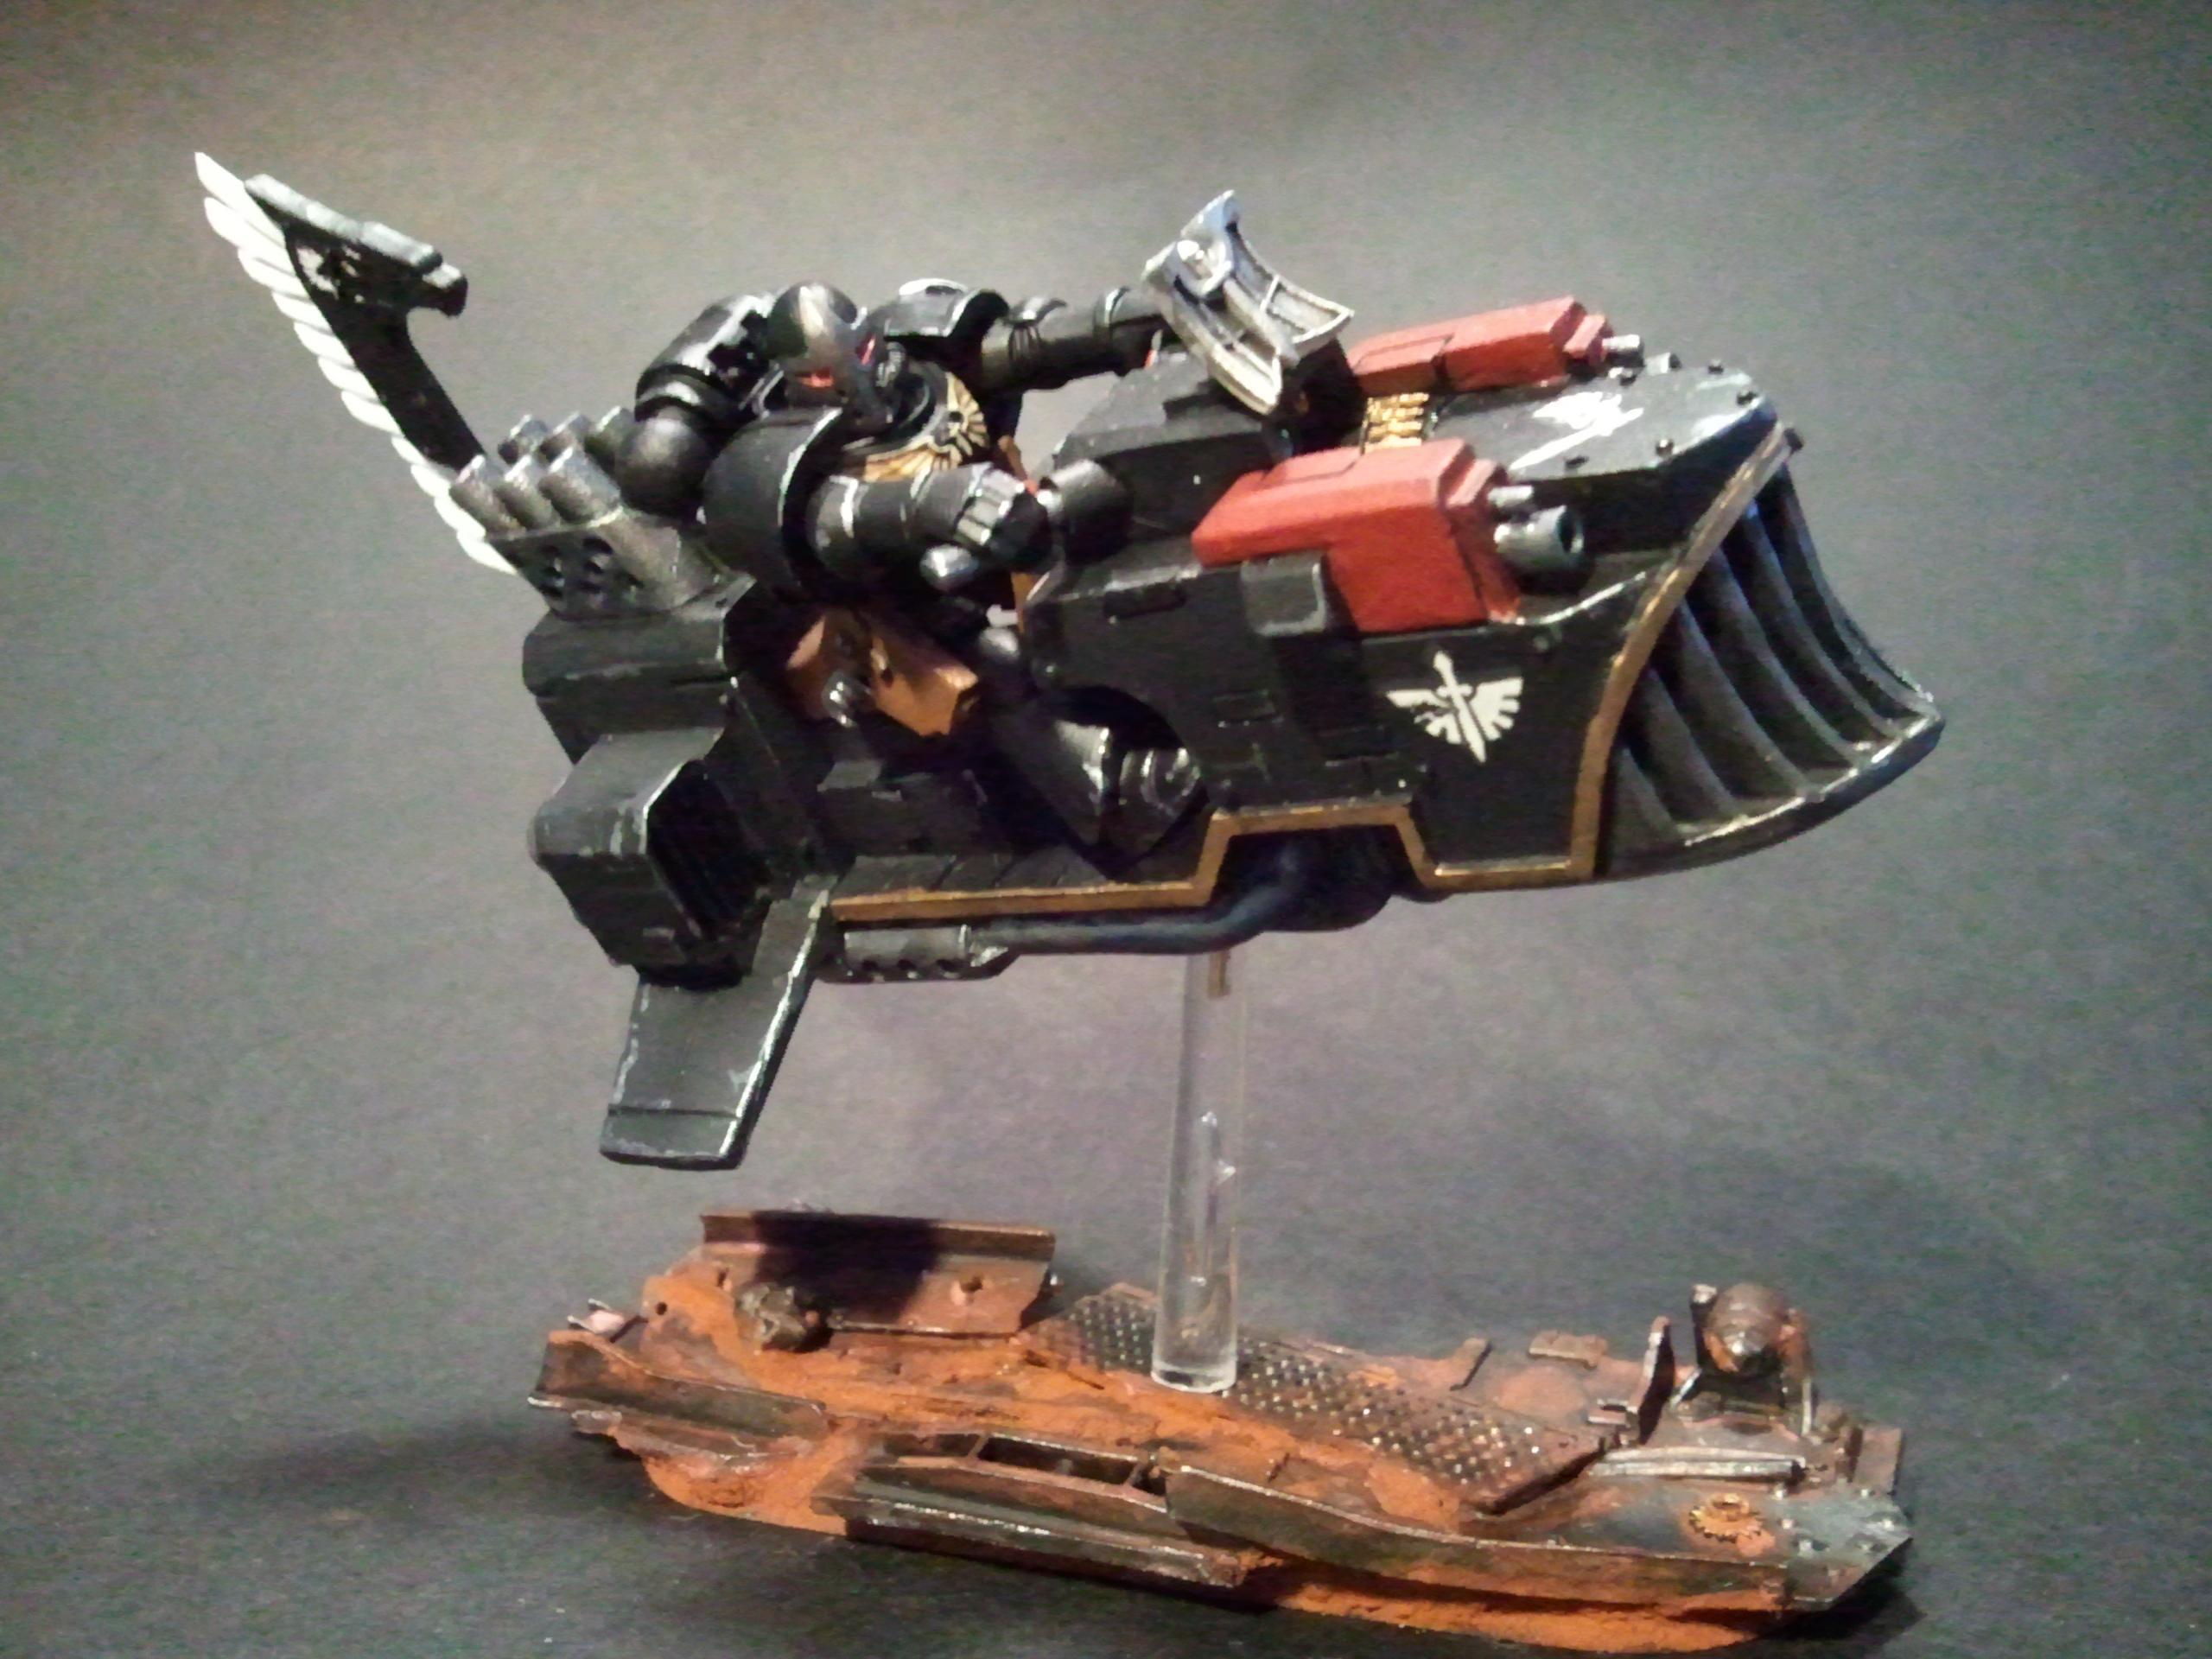 Conversion, Dark Angels, Jetbike, Land Speeder, Warhammer 40,000, Weathered